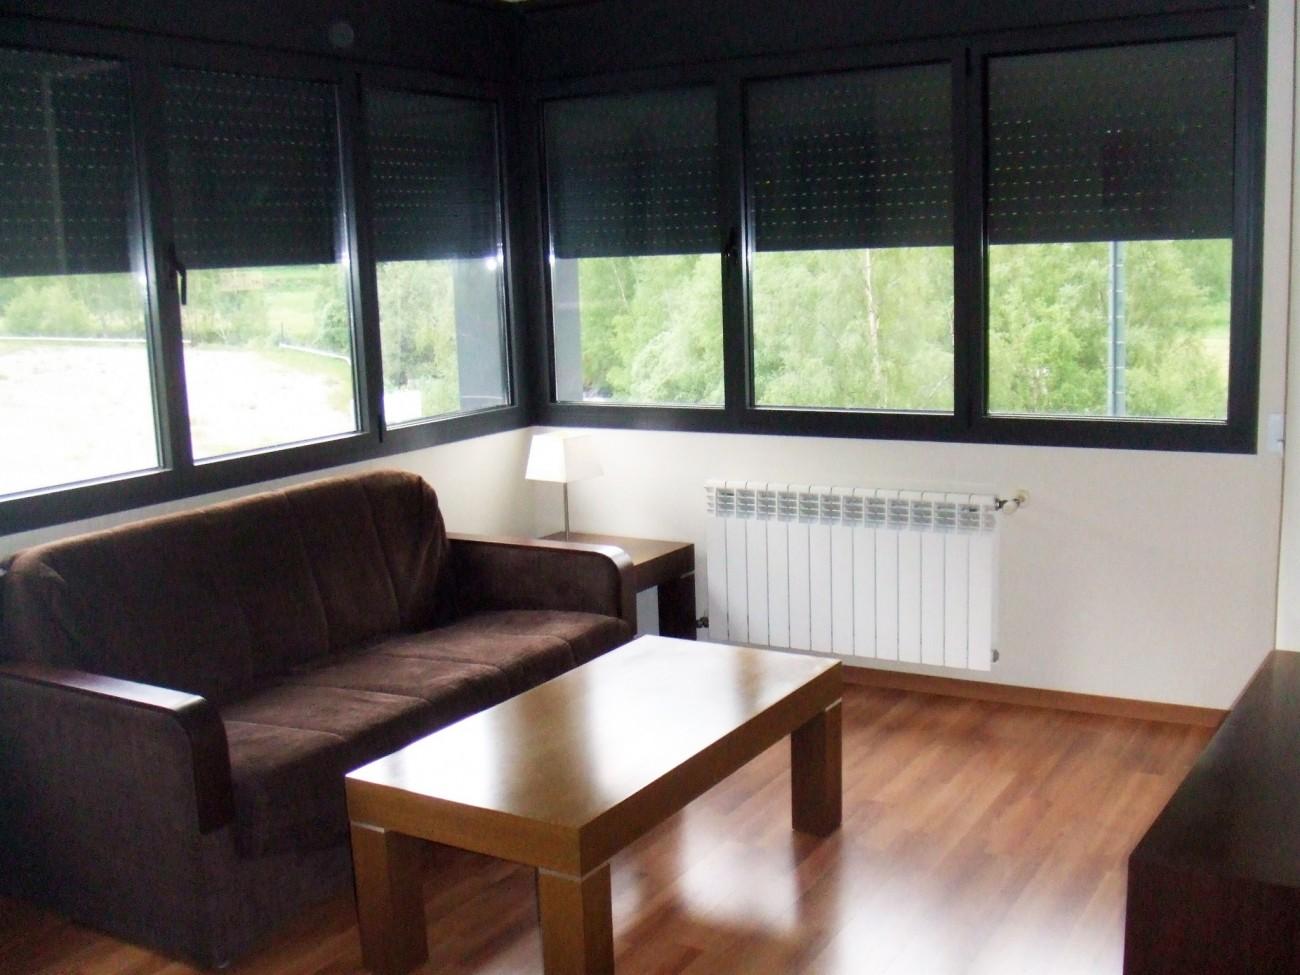 Ferienhaus Ap. Tarter Pirineos 3000 - 4/6 Andorra - Canillo - El Tarter